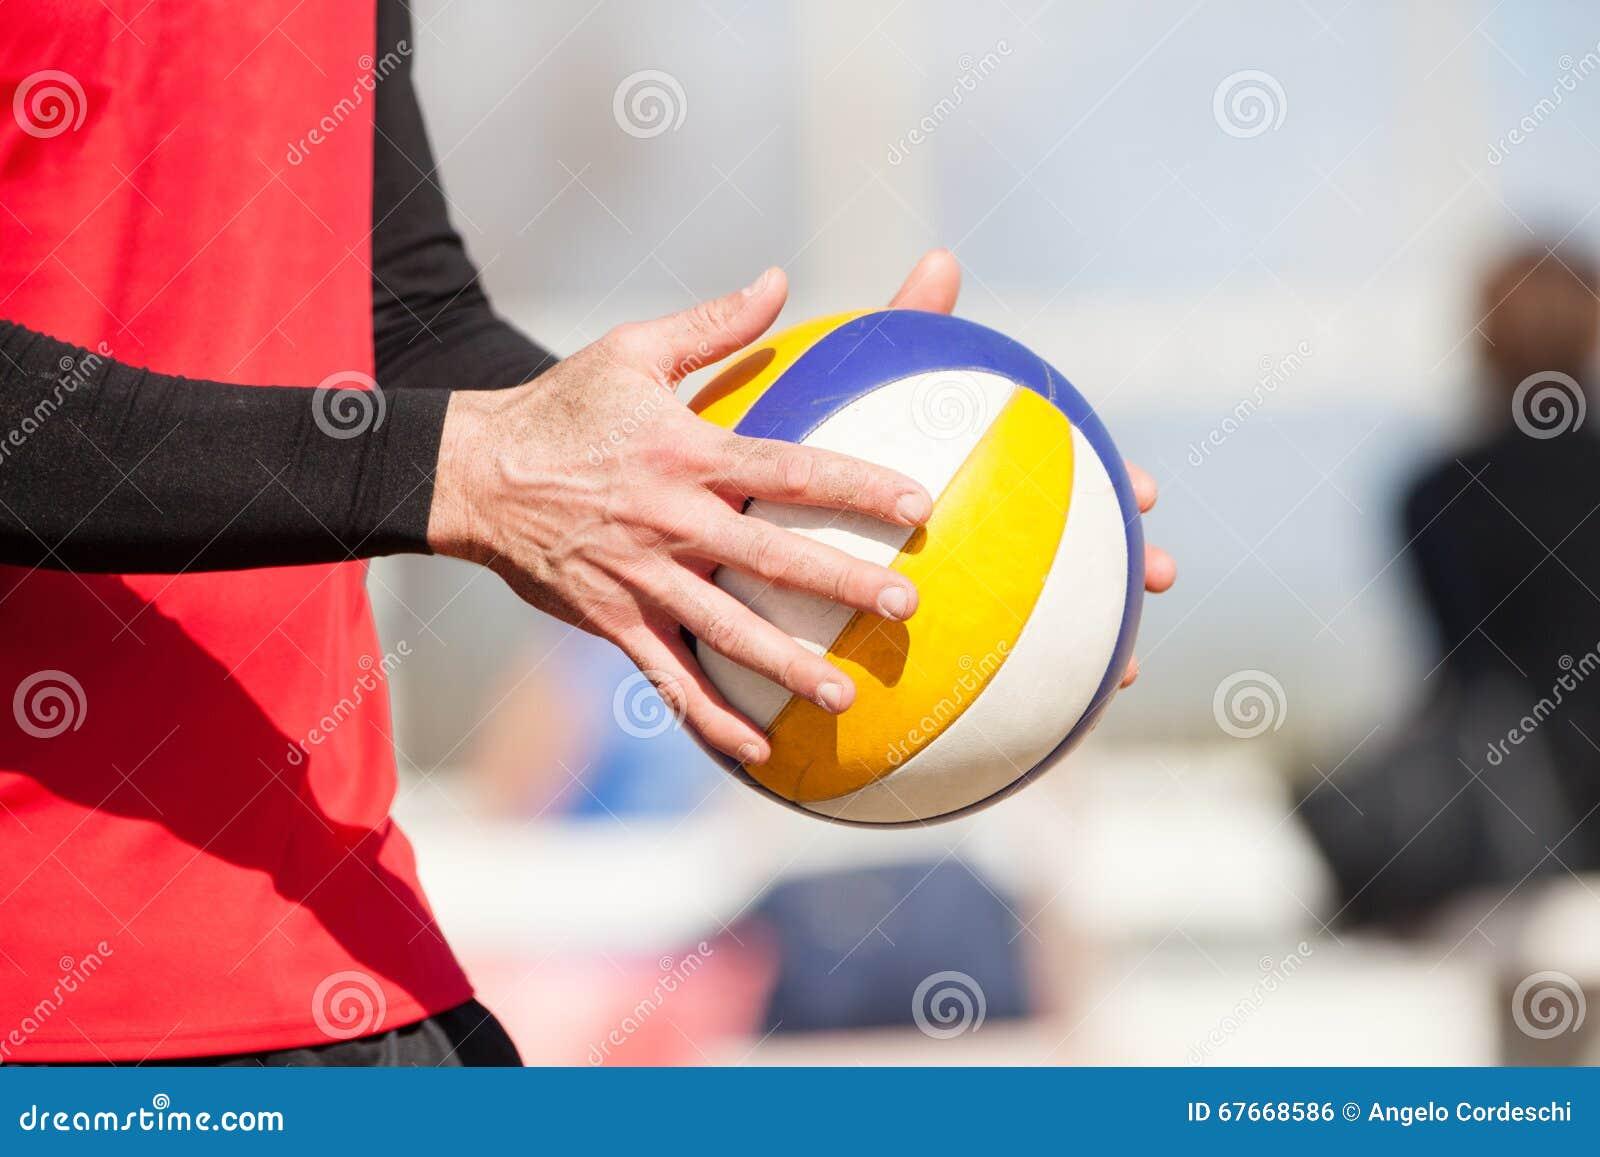 Plażowej siatkówki gracz, bawić się lato Ręki z piłką